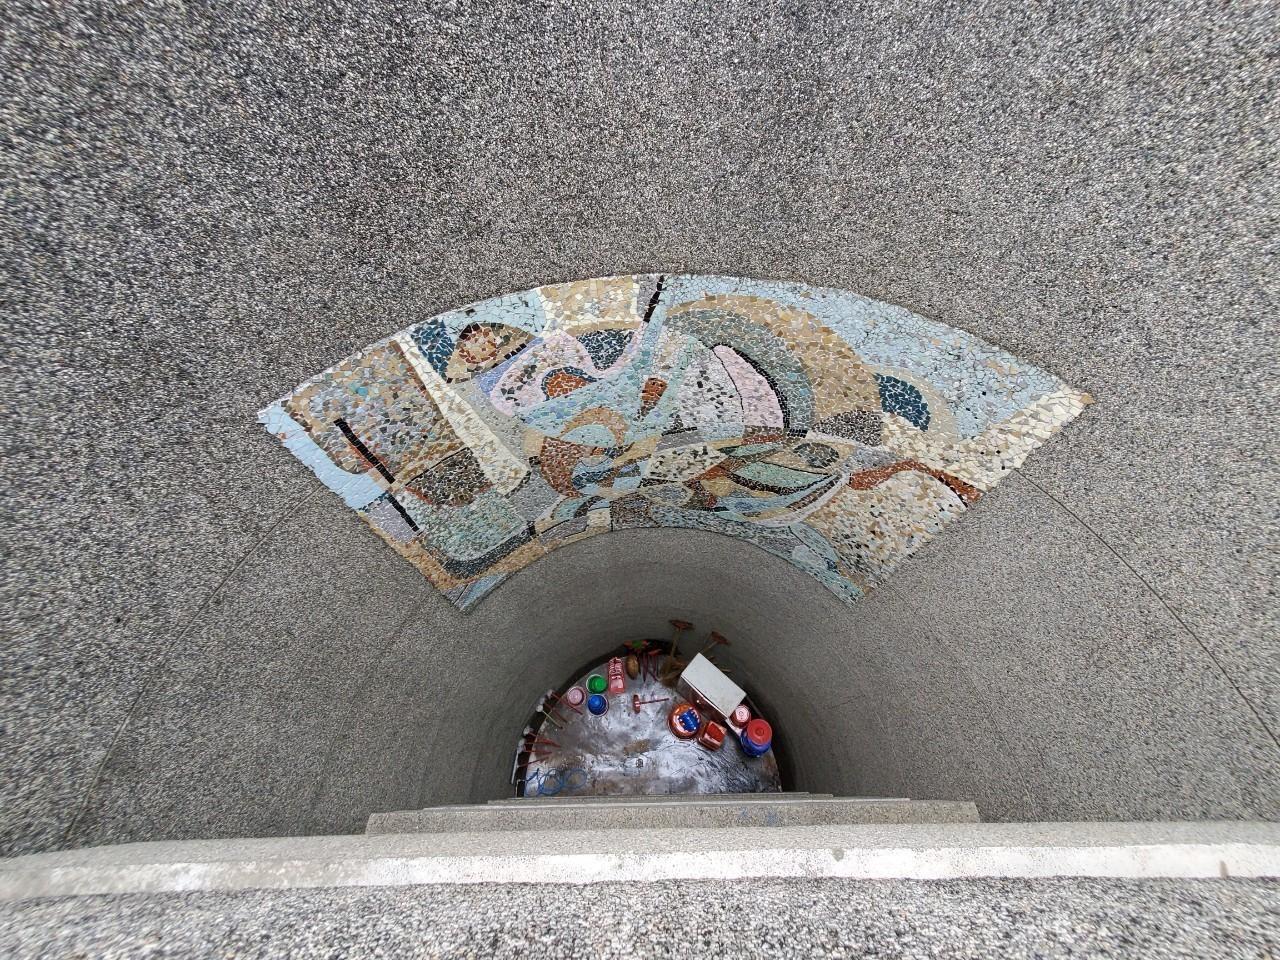 建築系館洗石子牆面的圖案裝飾.jpg